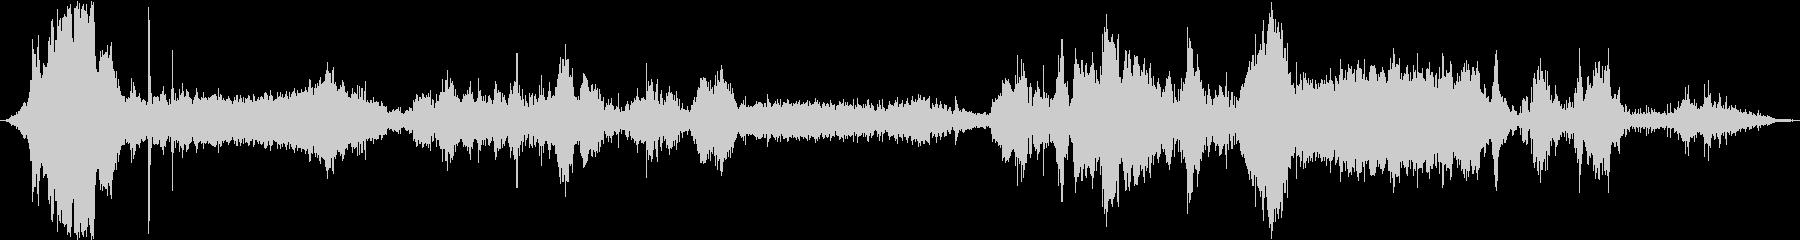 メタルローラーコースター:オンボー...の未再生の波形